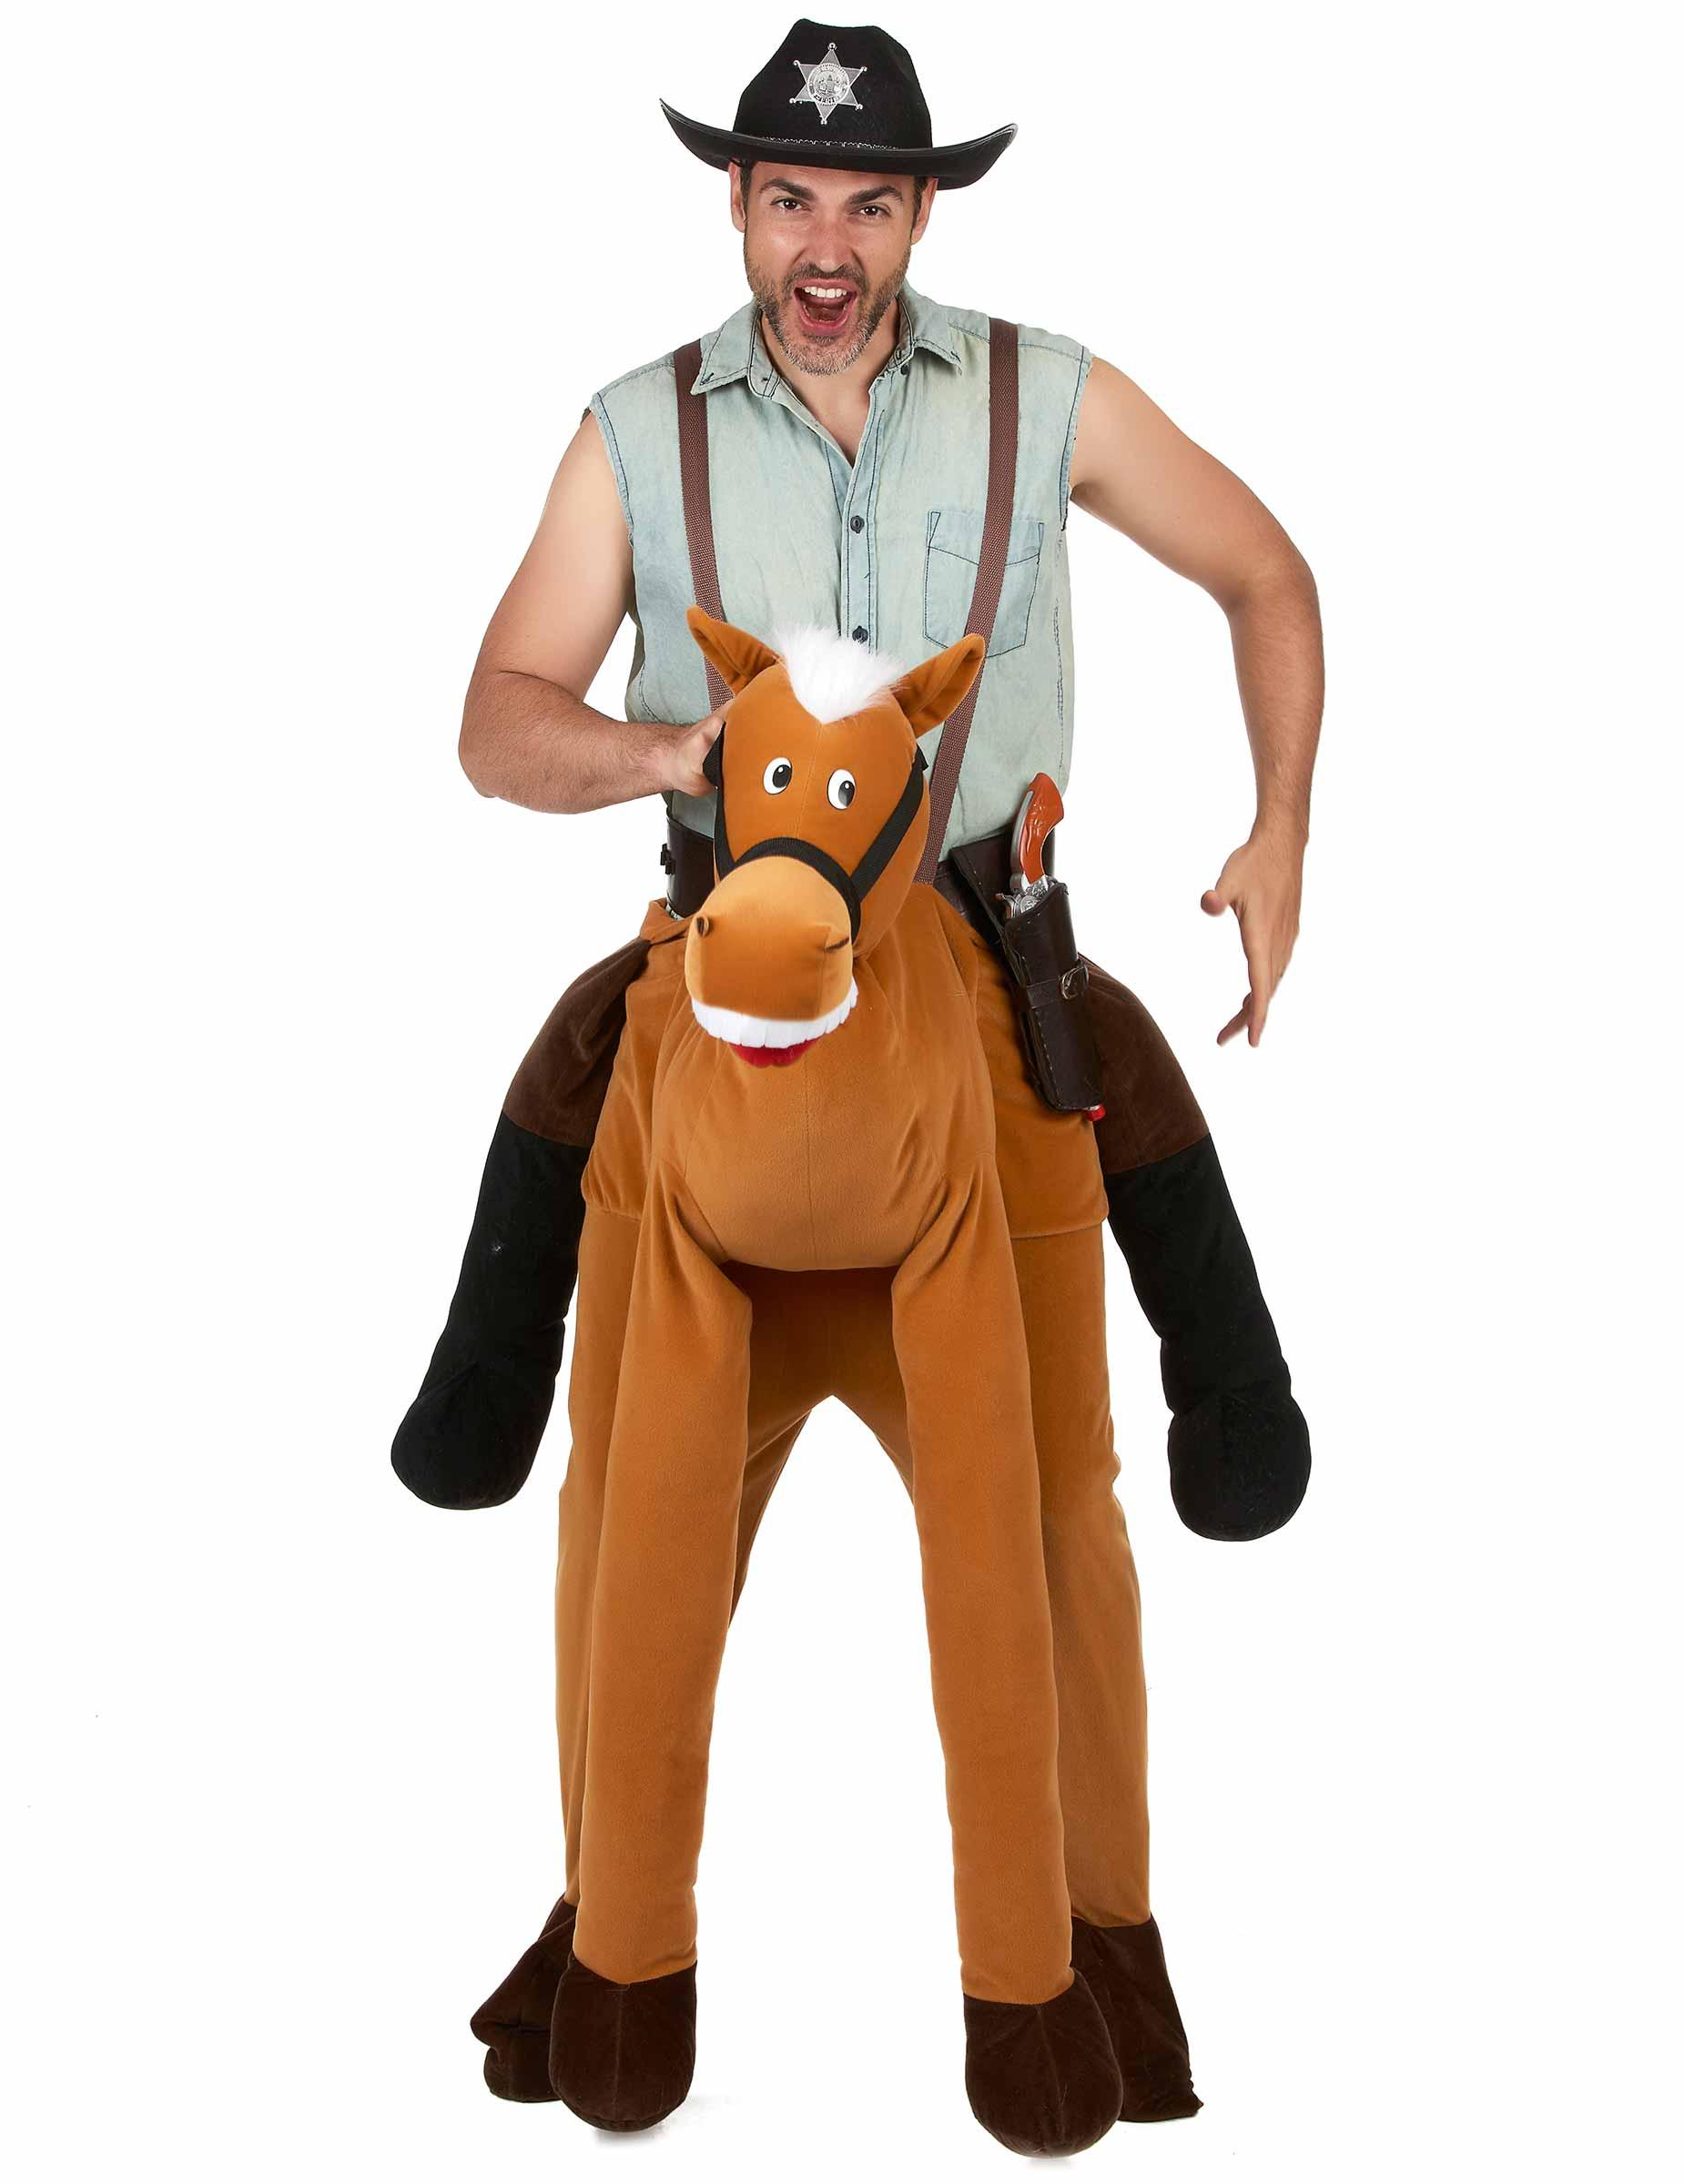 prestazione affidabile alta moda consegna gratuita Costume uomo a dorso di cavallo per adulto